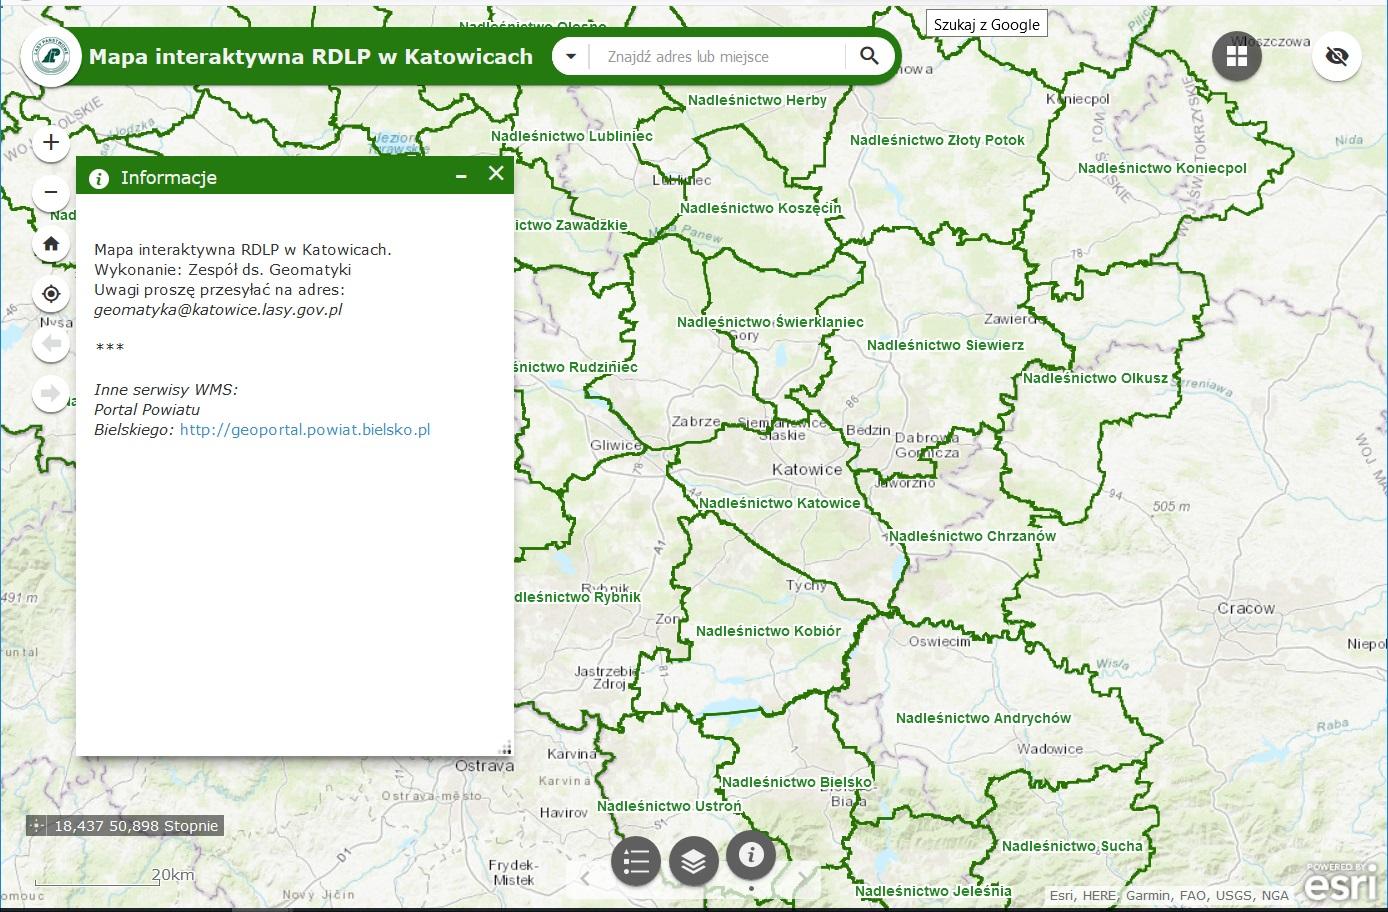 Rys.1. Mapa interaktywna RDLP w Katowicach.